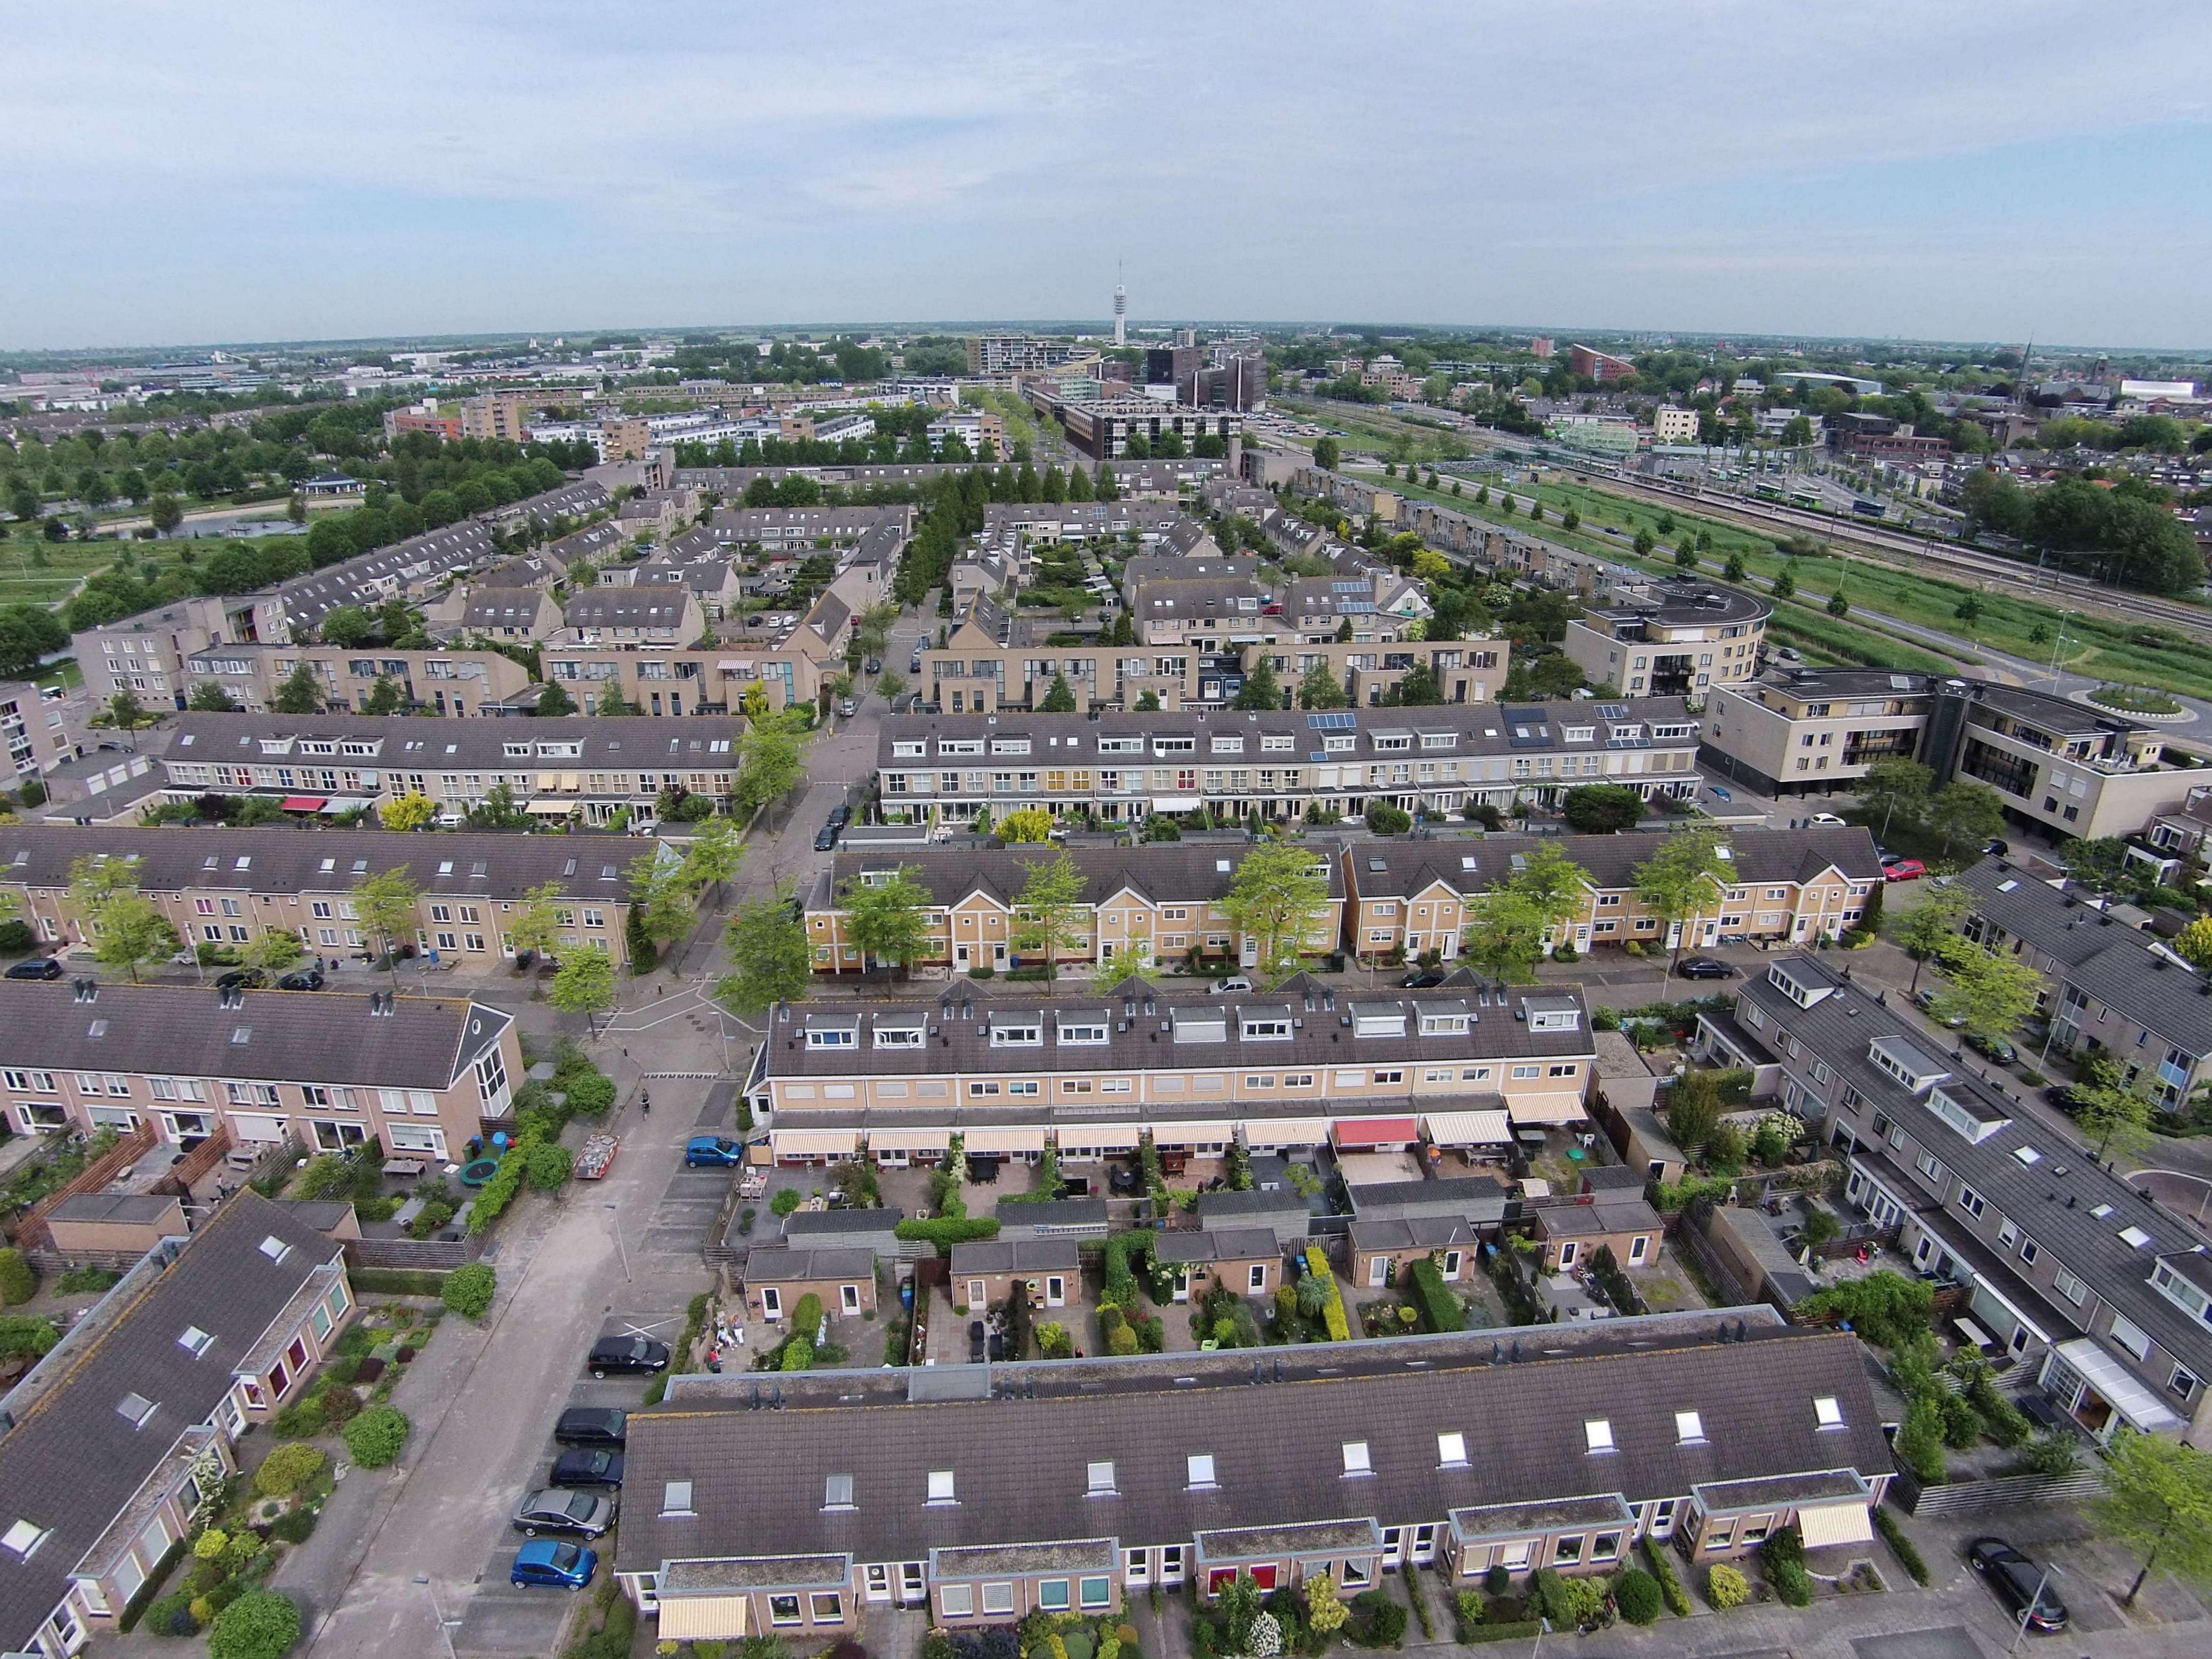 Uitzicht op de ptt toren het station luchtfotos - Uitzicht op de tuinman ...